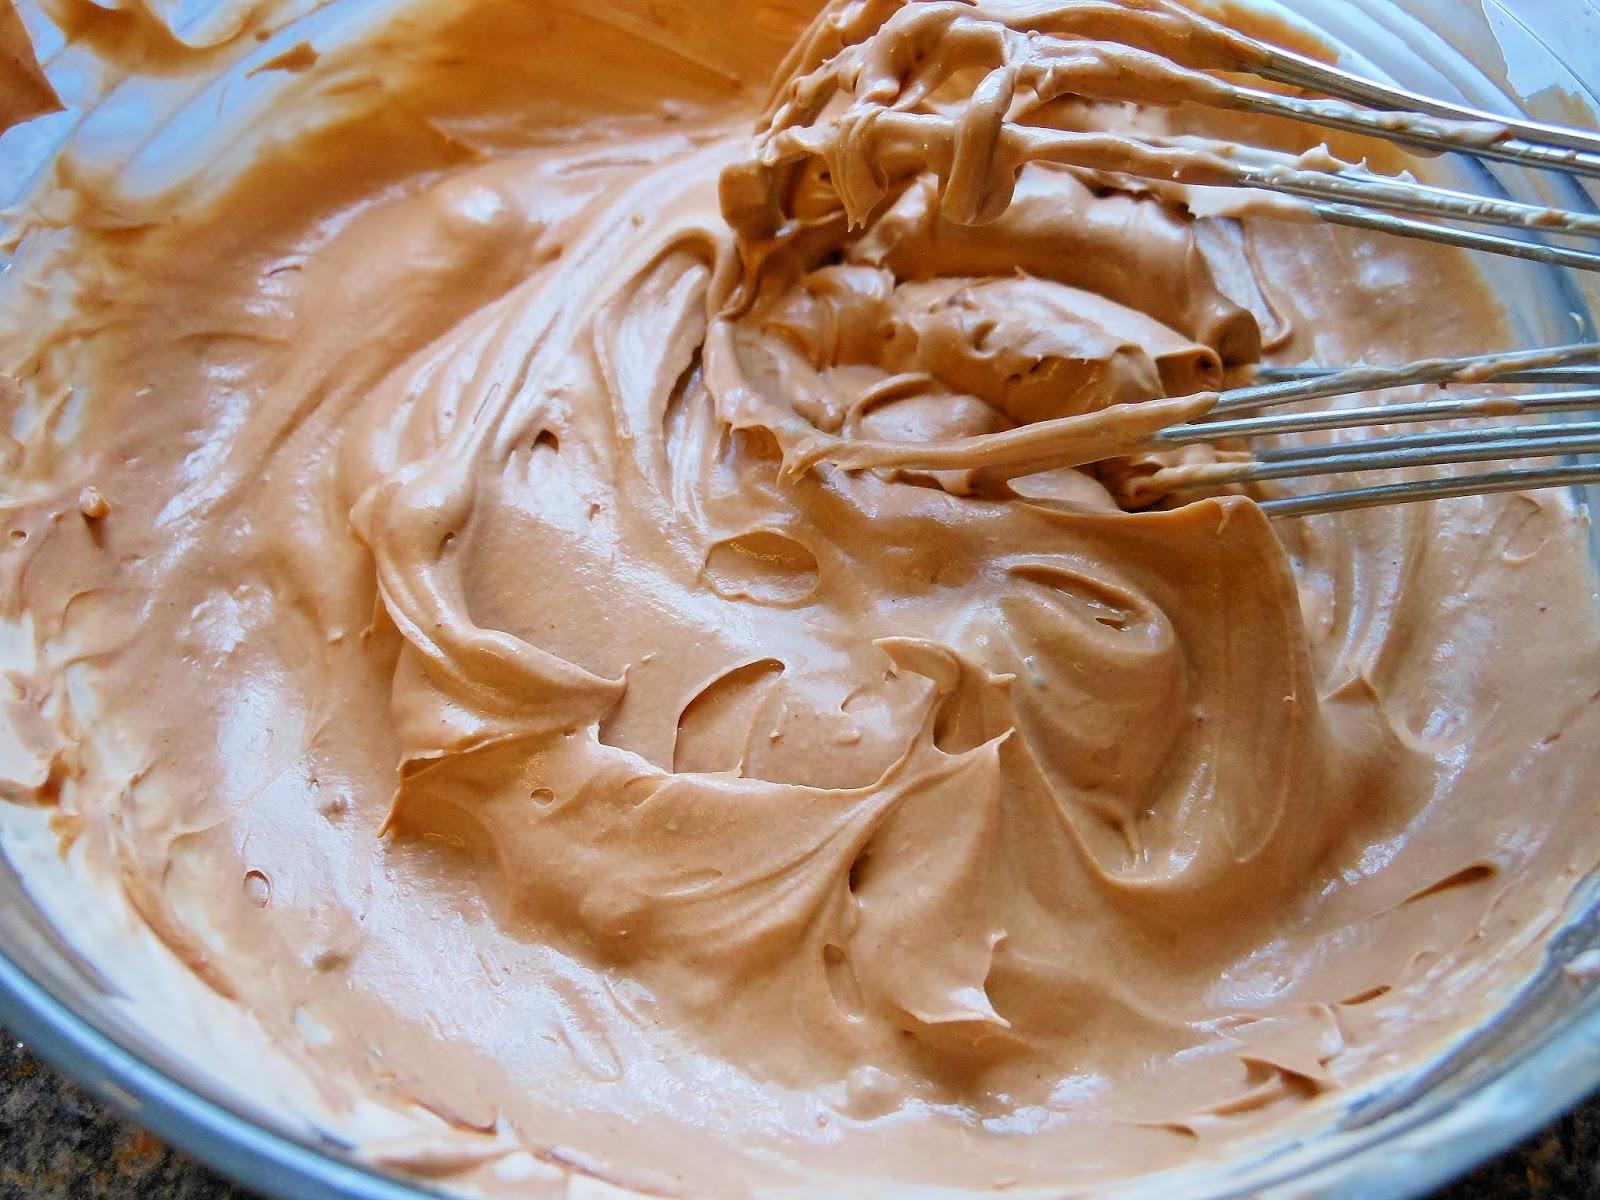 Фото крем для торта.